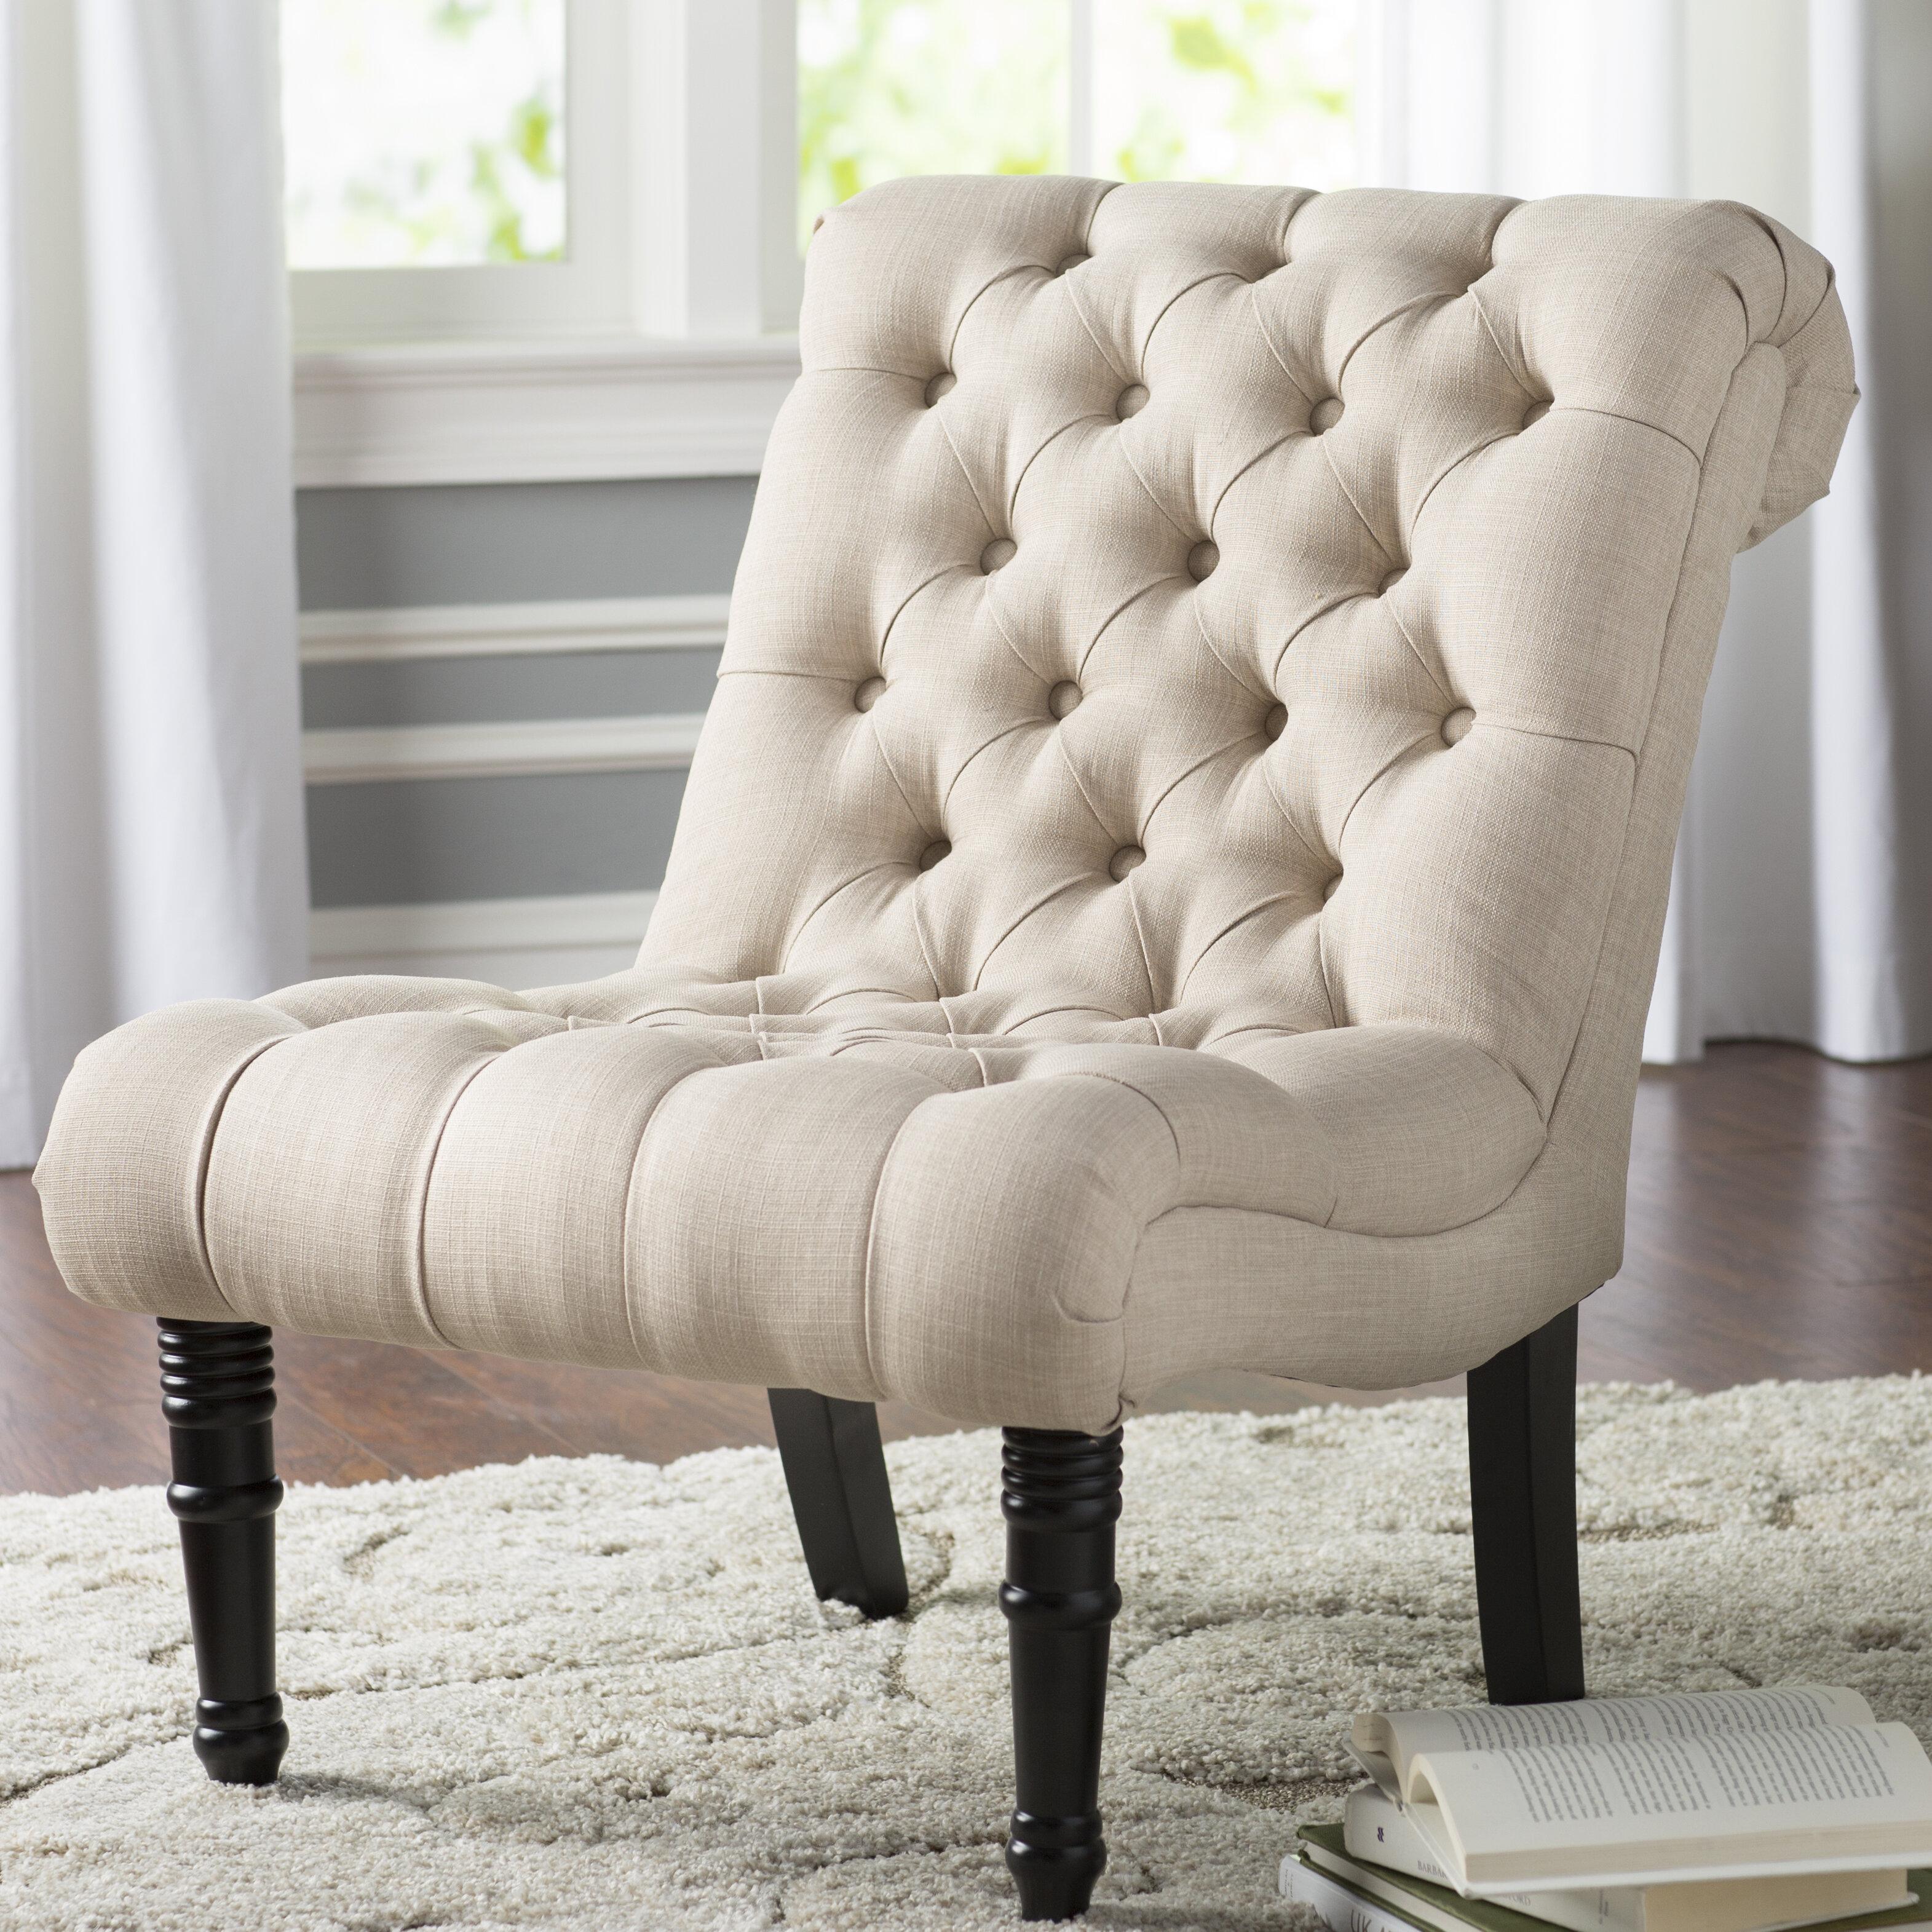 Alcott hill clarke slipper chair reviews wayfair